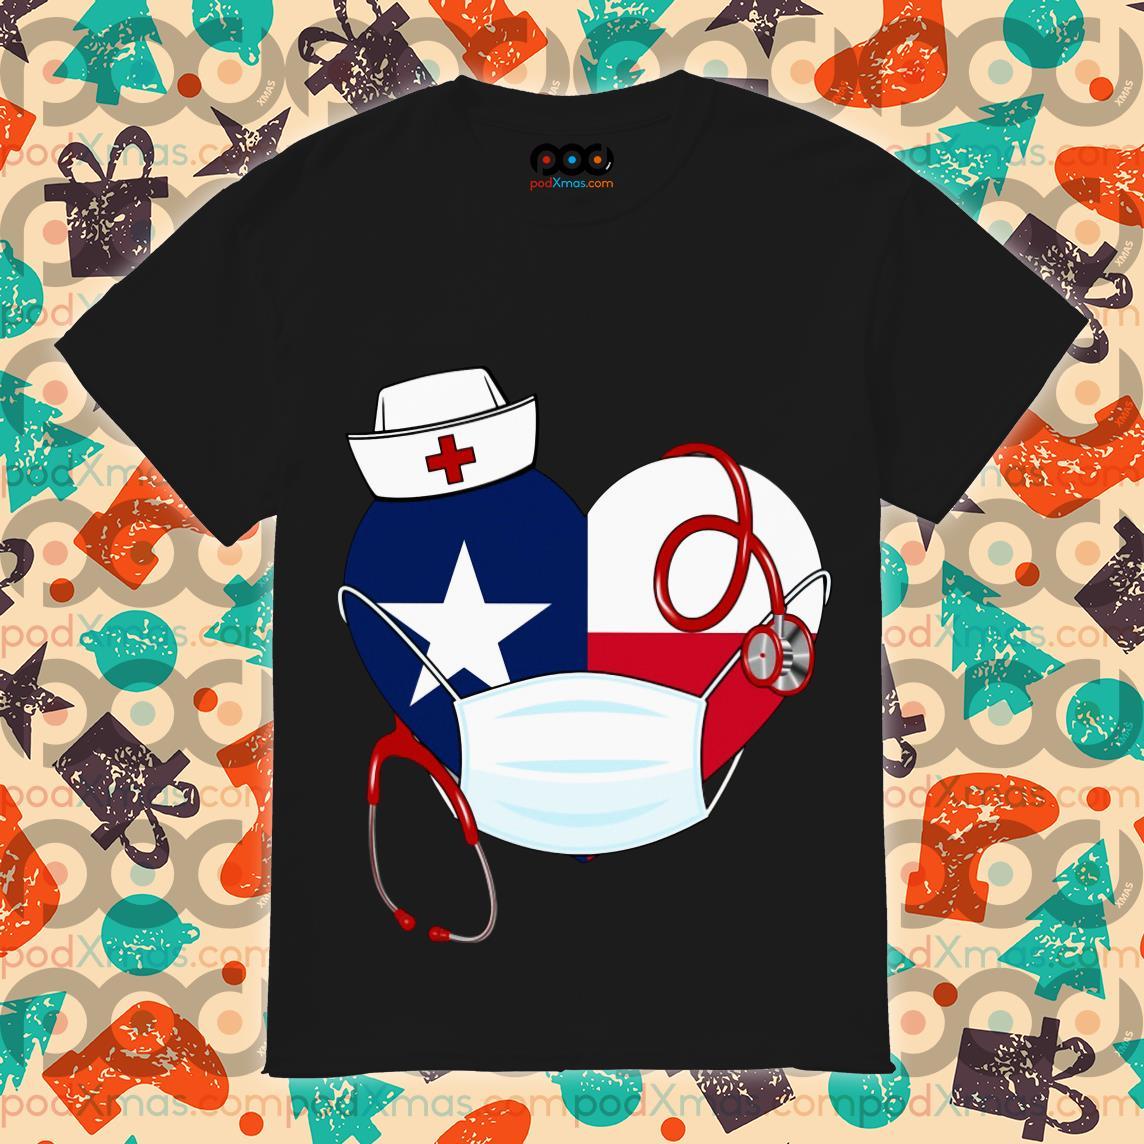 Nurse American Heart wear mask T-shirt